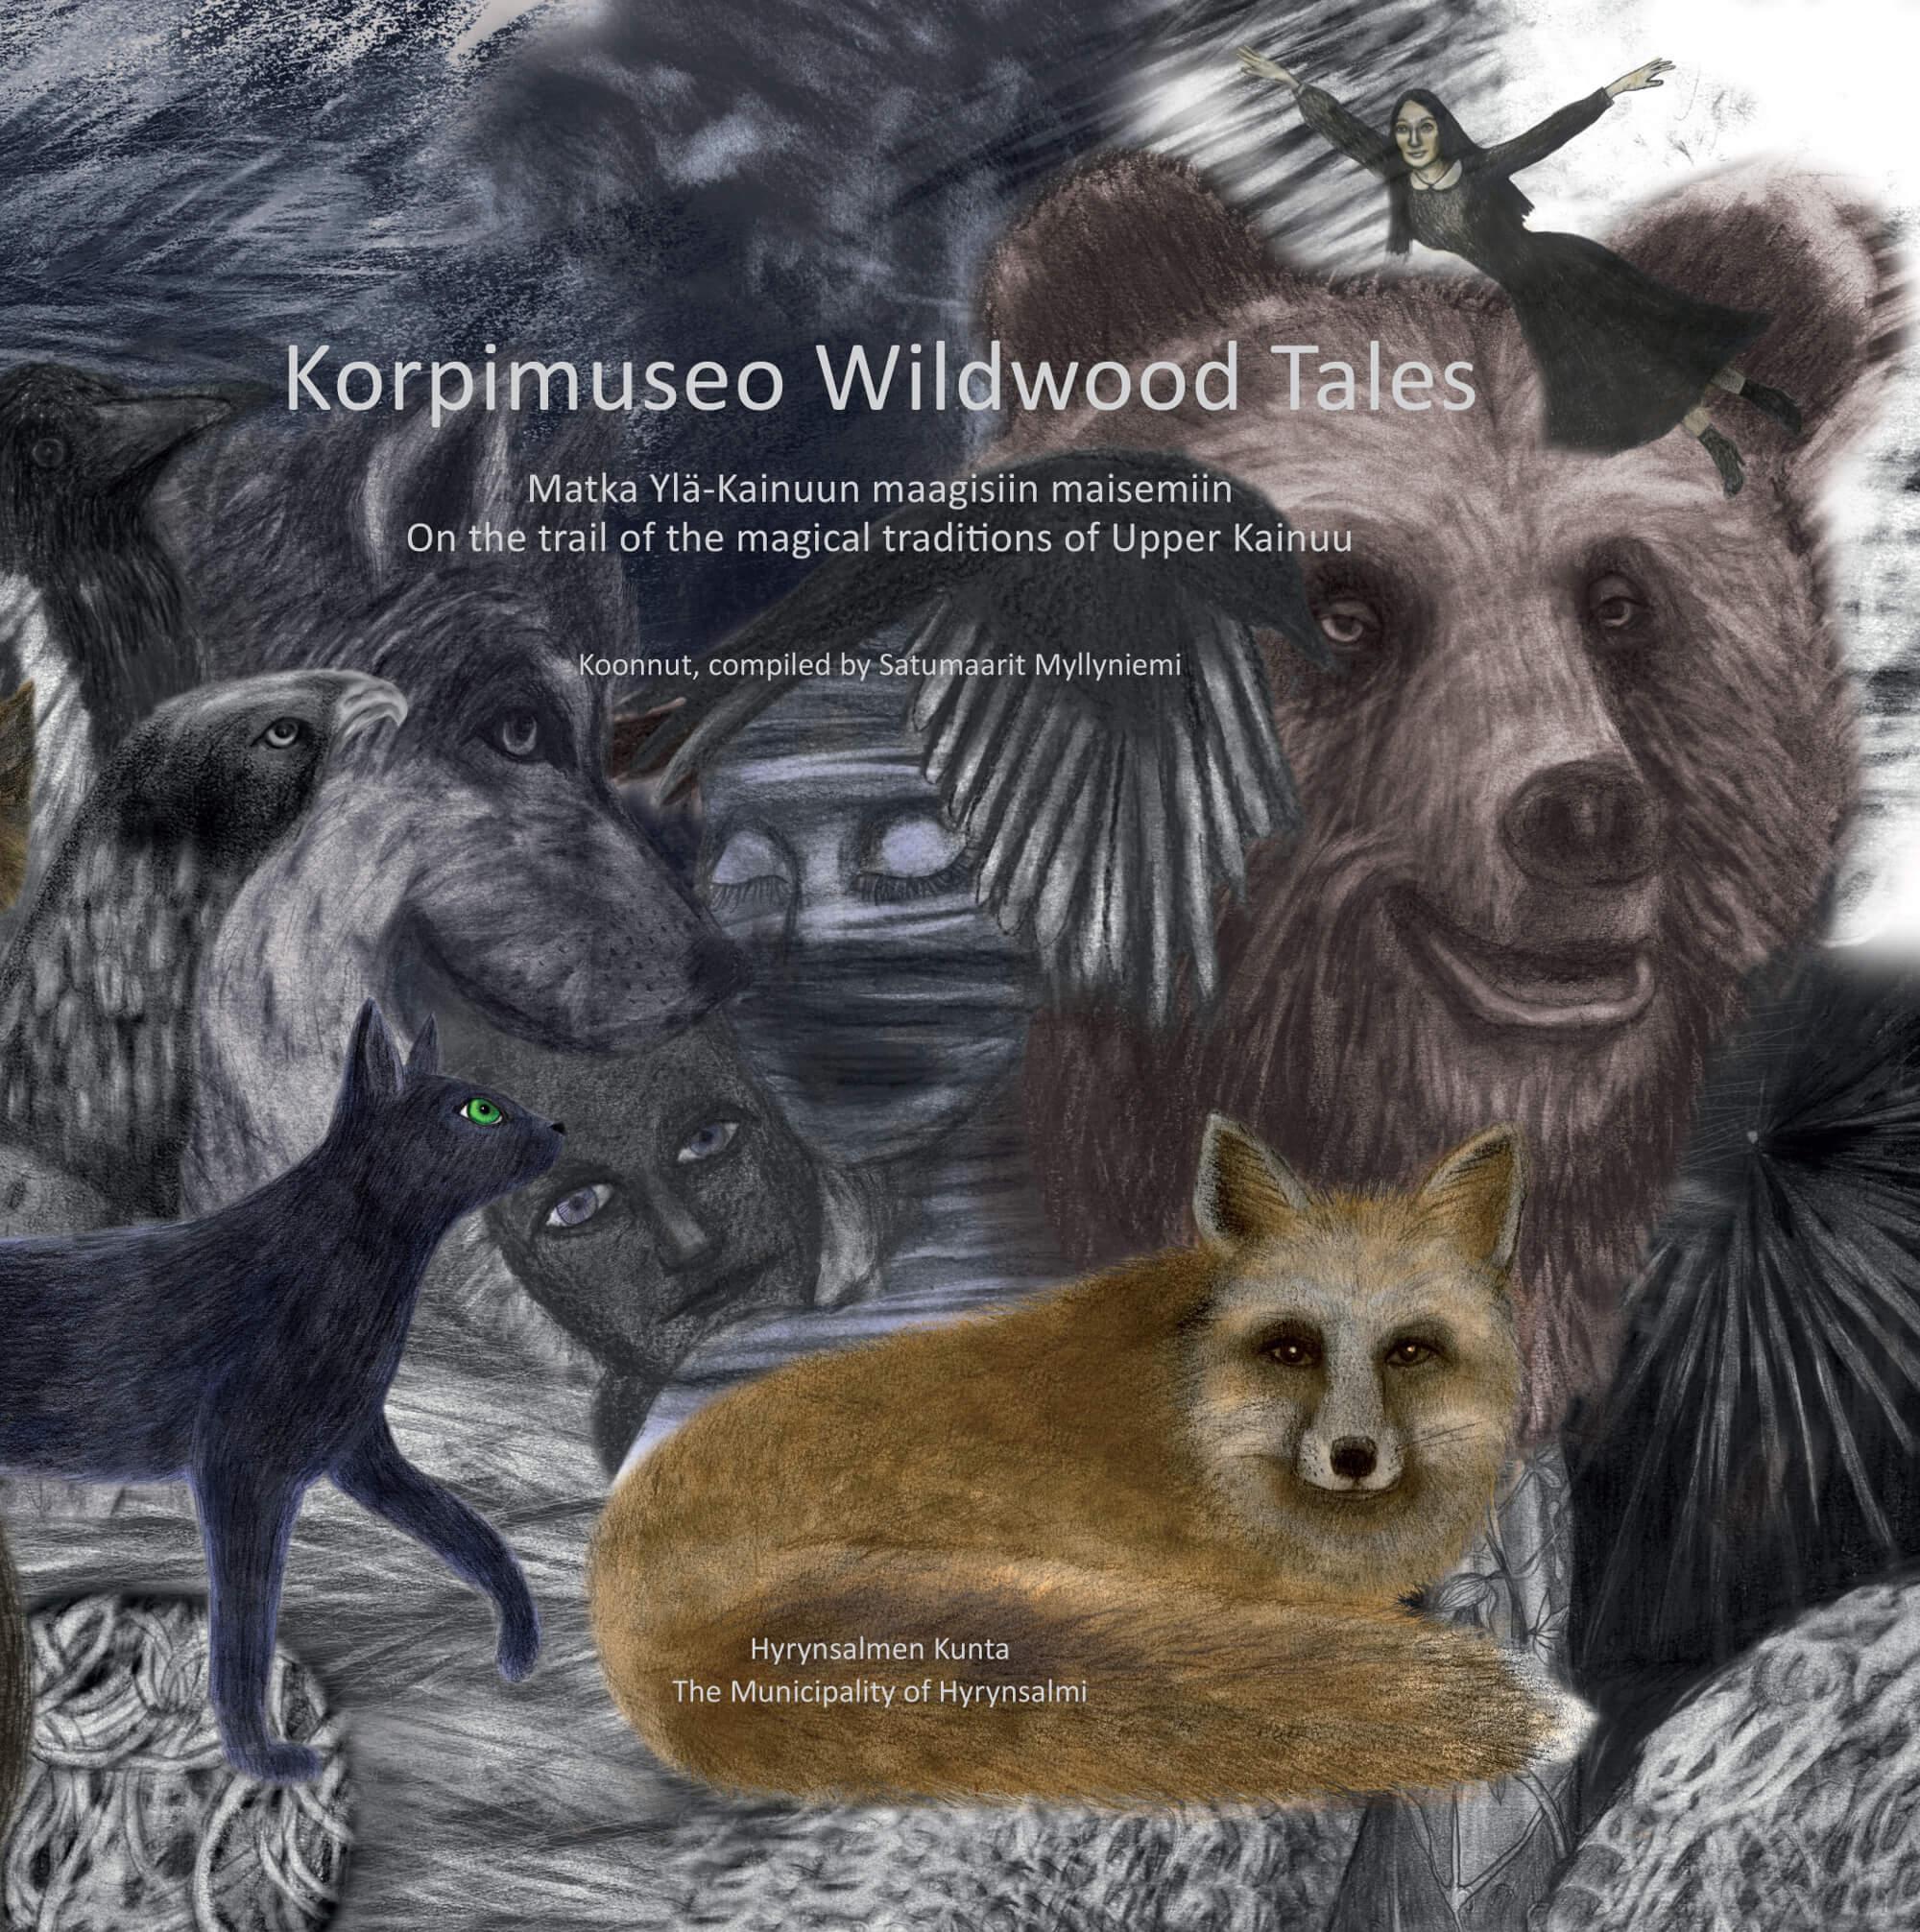 Korpimuseo Wildwood tales